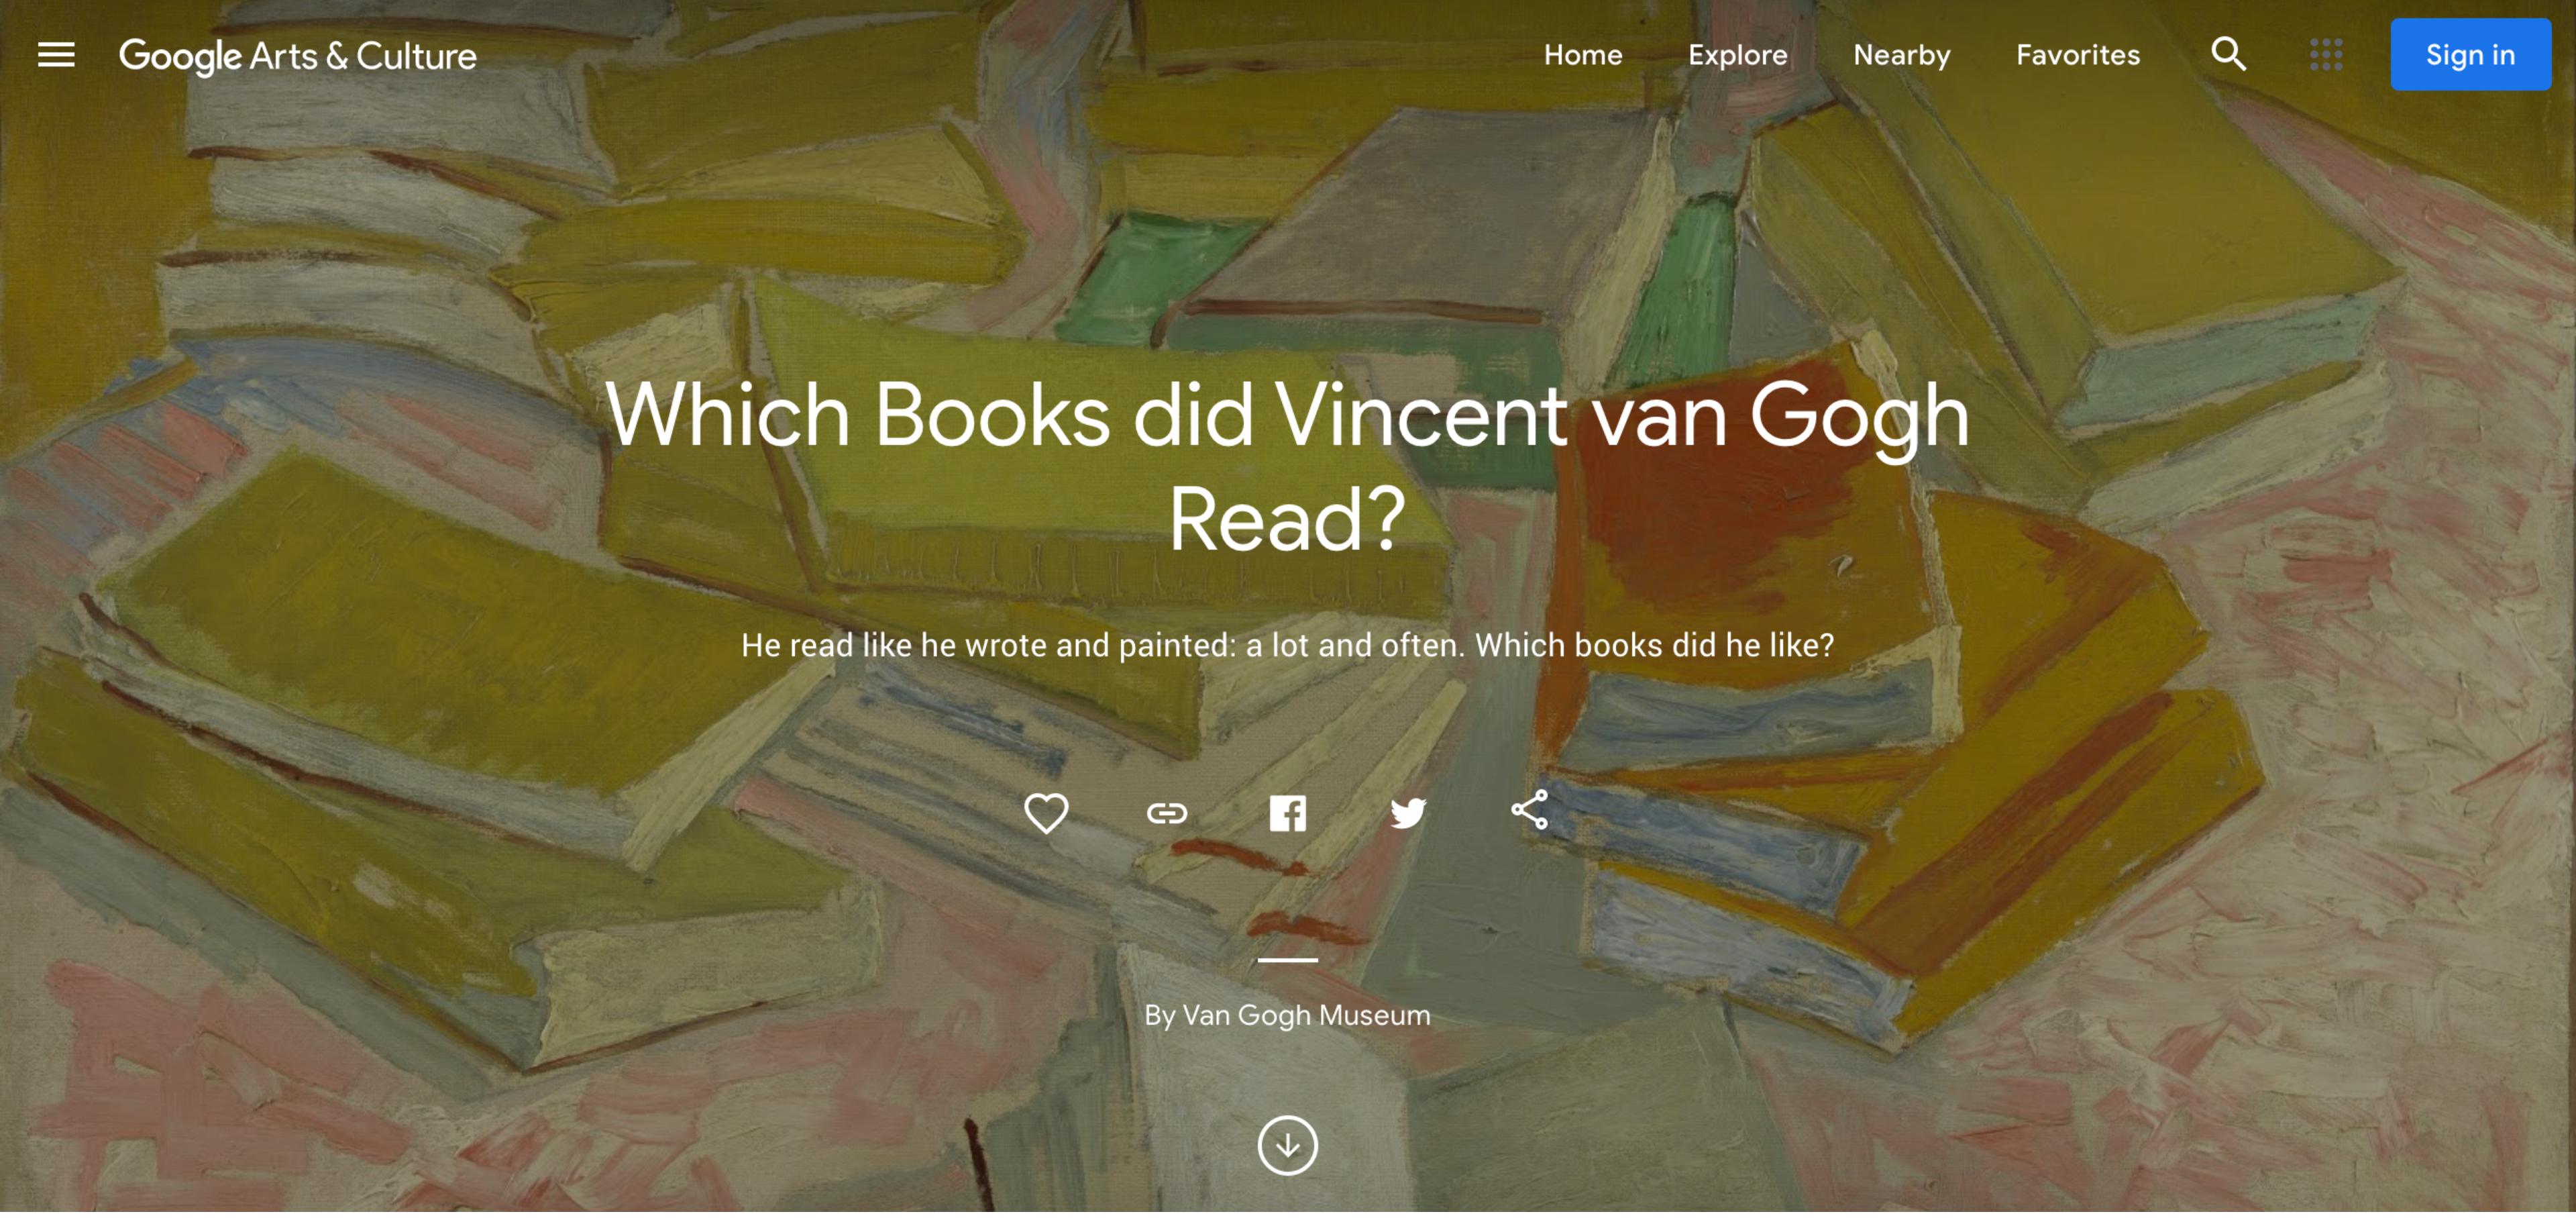 Van Gogh screengrab